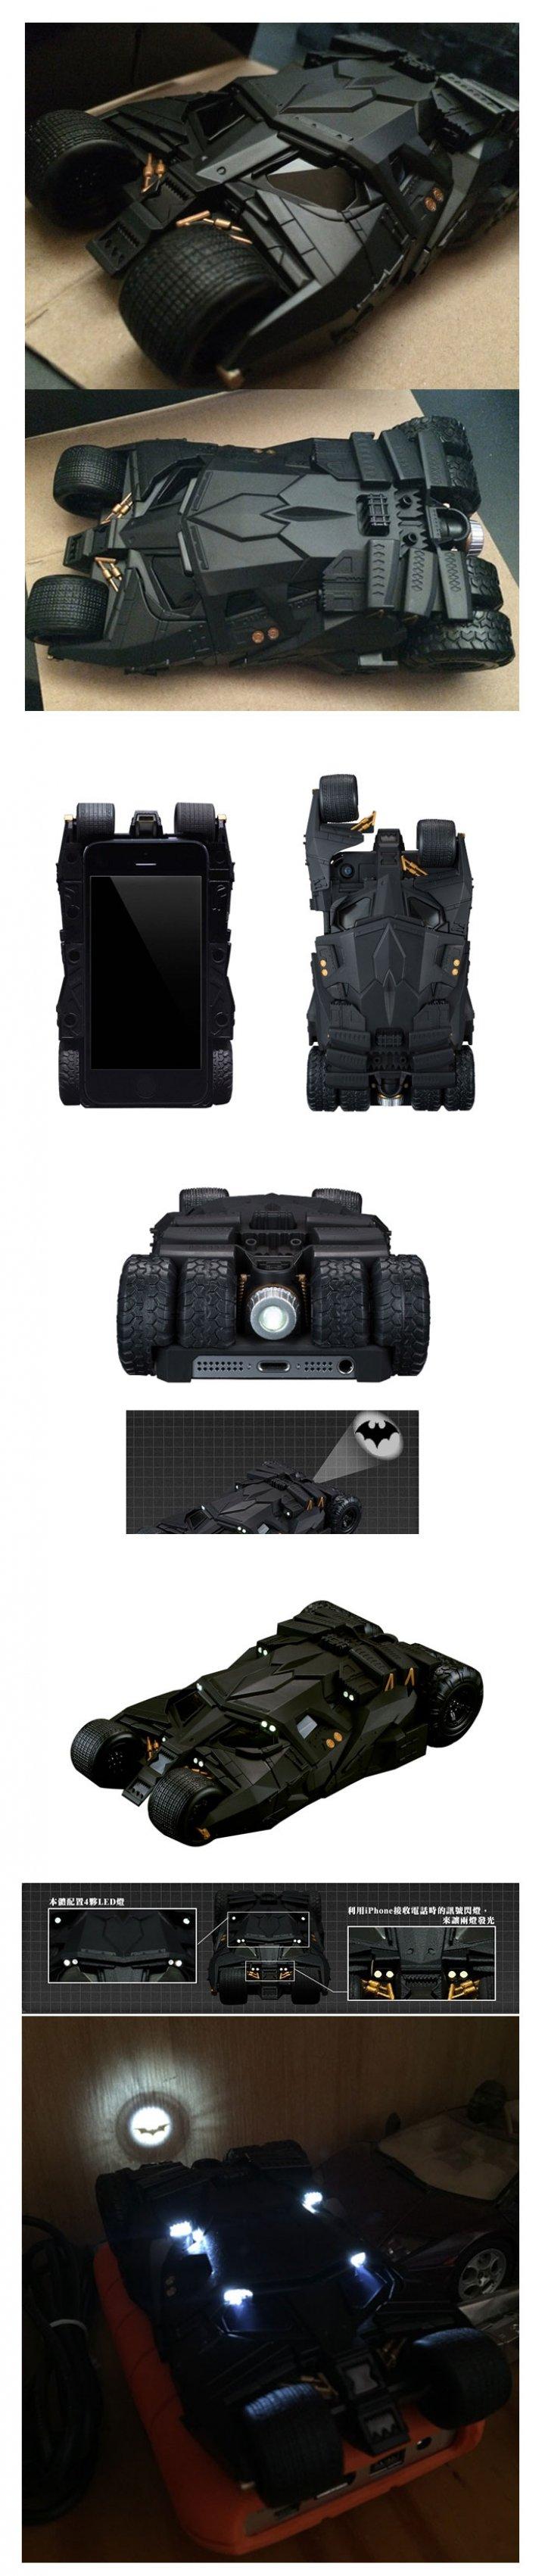 日本萬代 限定 CRAZY CASE 第3彈 蝙蝠車 蝙蝠俠 iPhone5/6S等 手機殼 保護殼 專用 75周年版